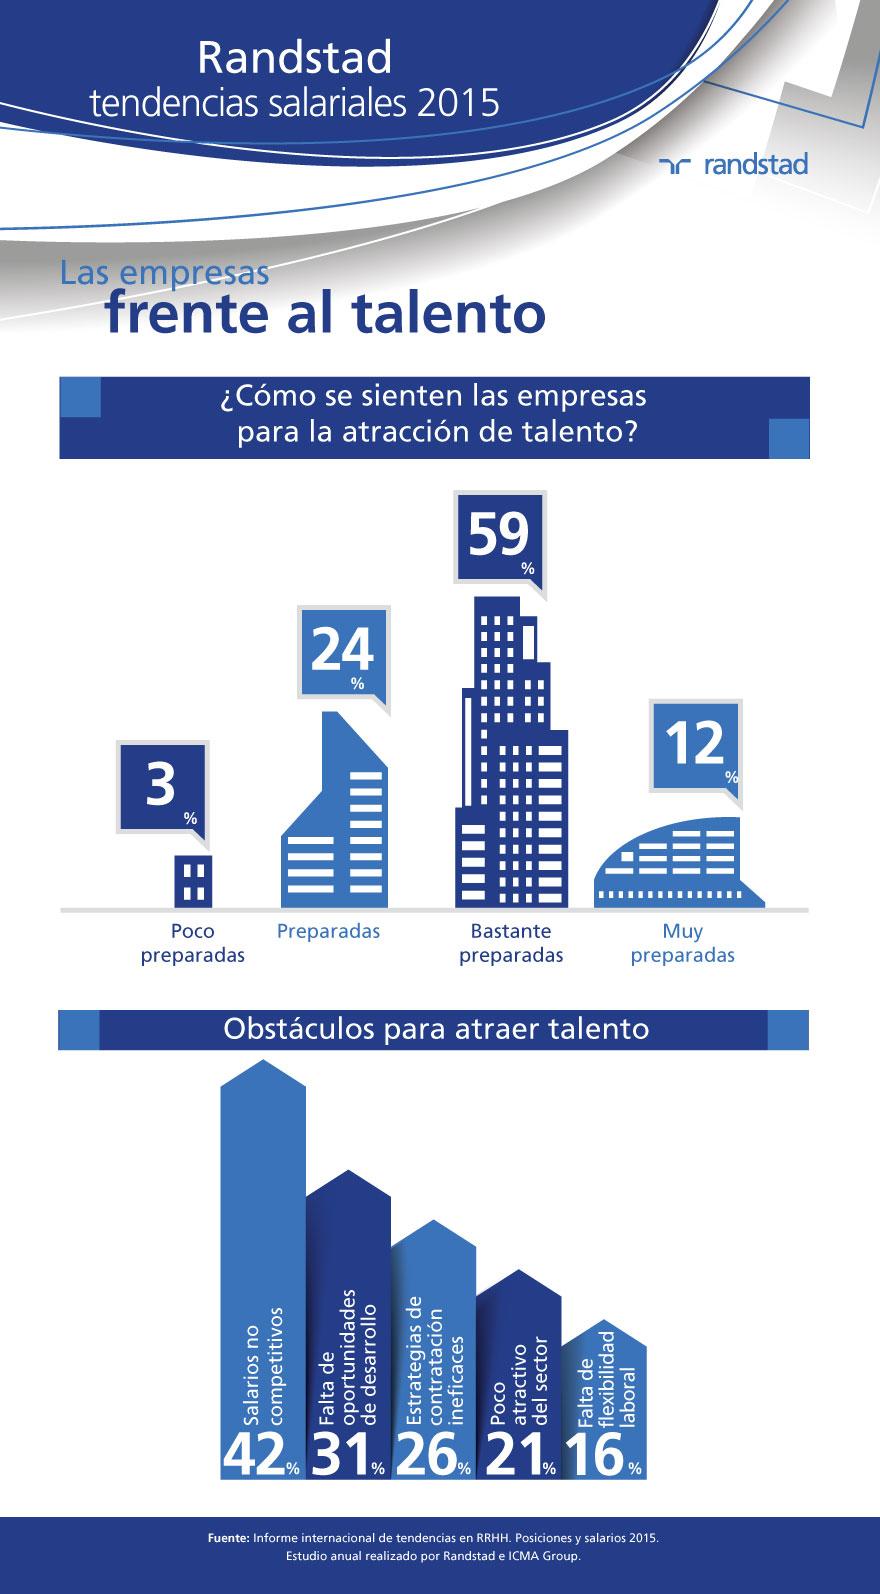 infografia-tendencias-salariales-empresas-gestion-talento.jpg